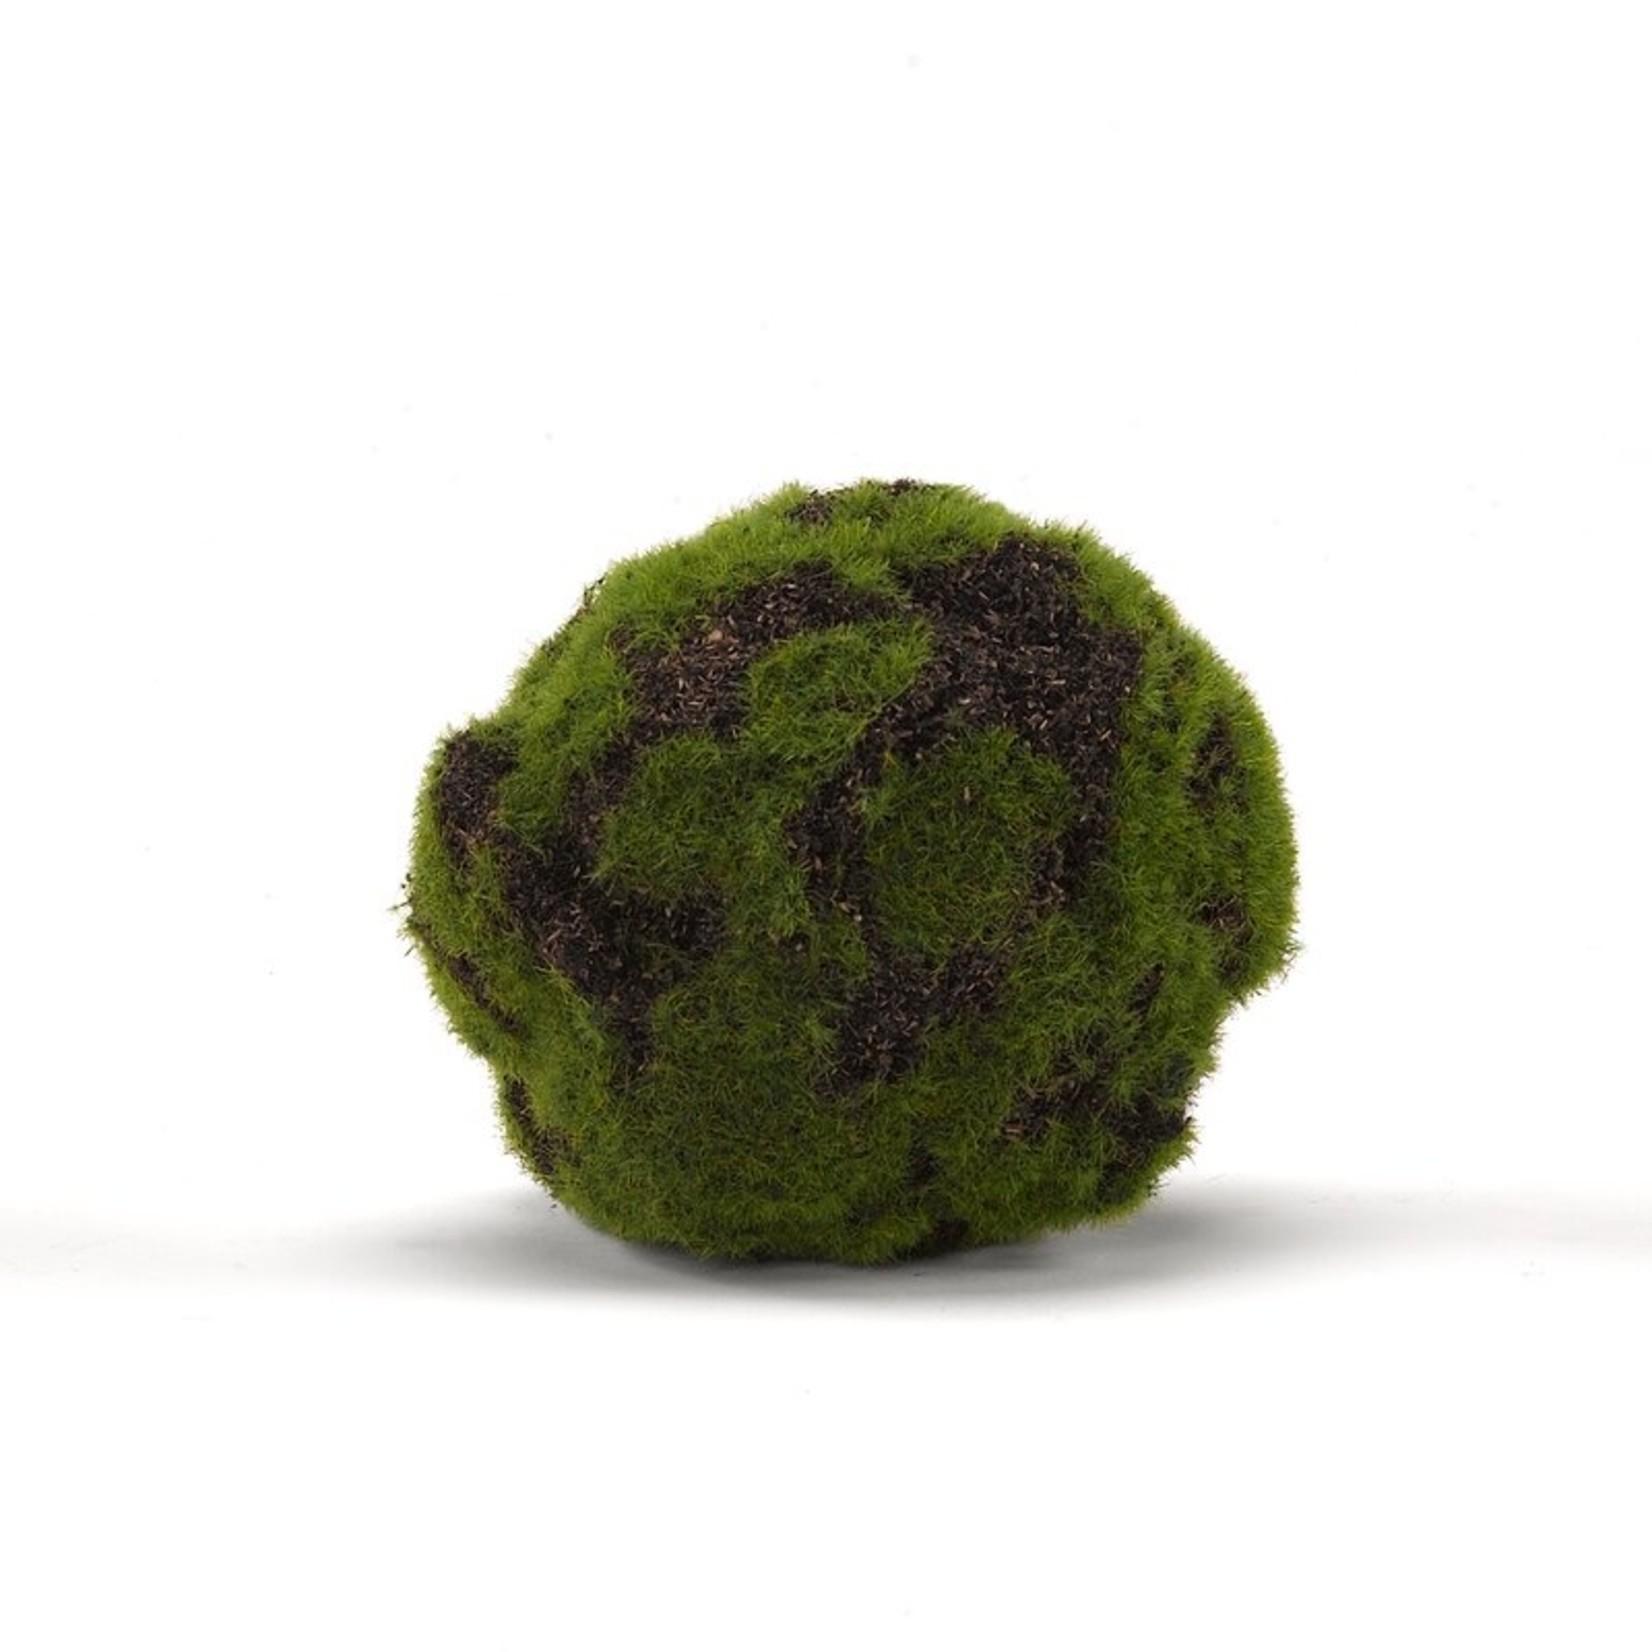 *3 - Piece Artificial Moss Ball Plant Set